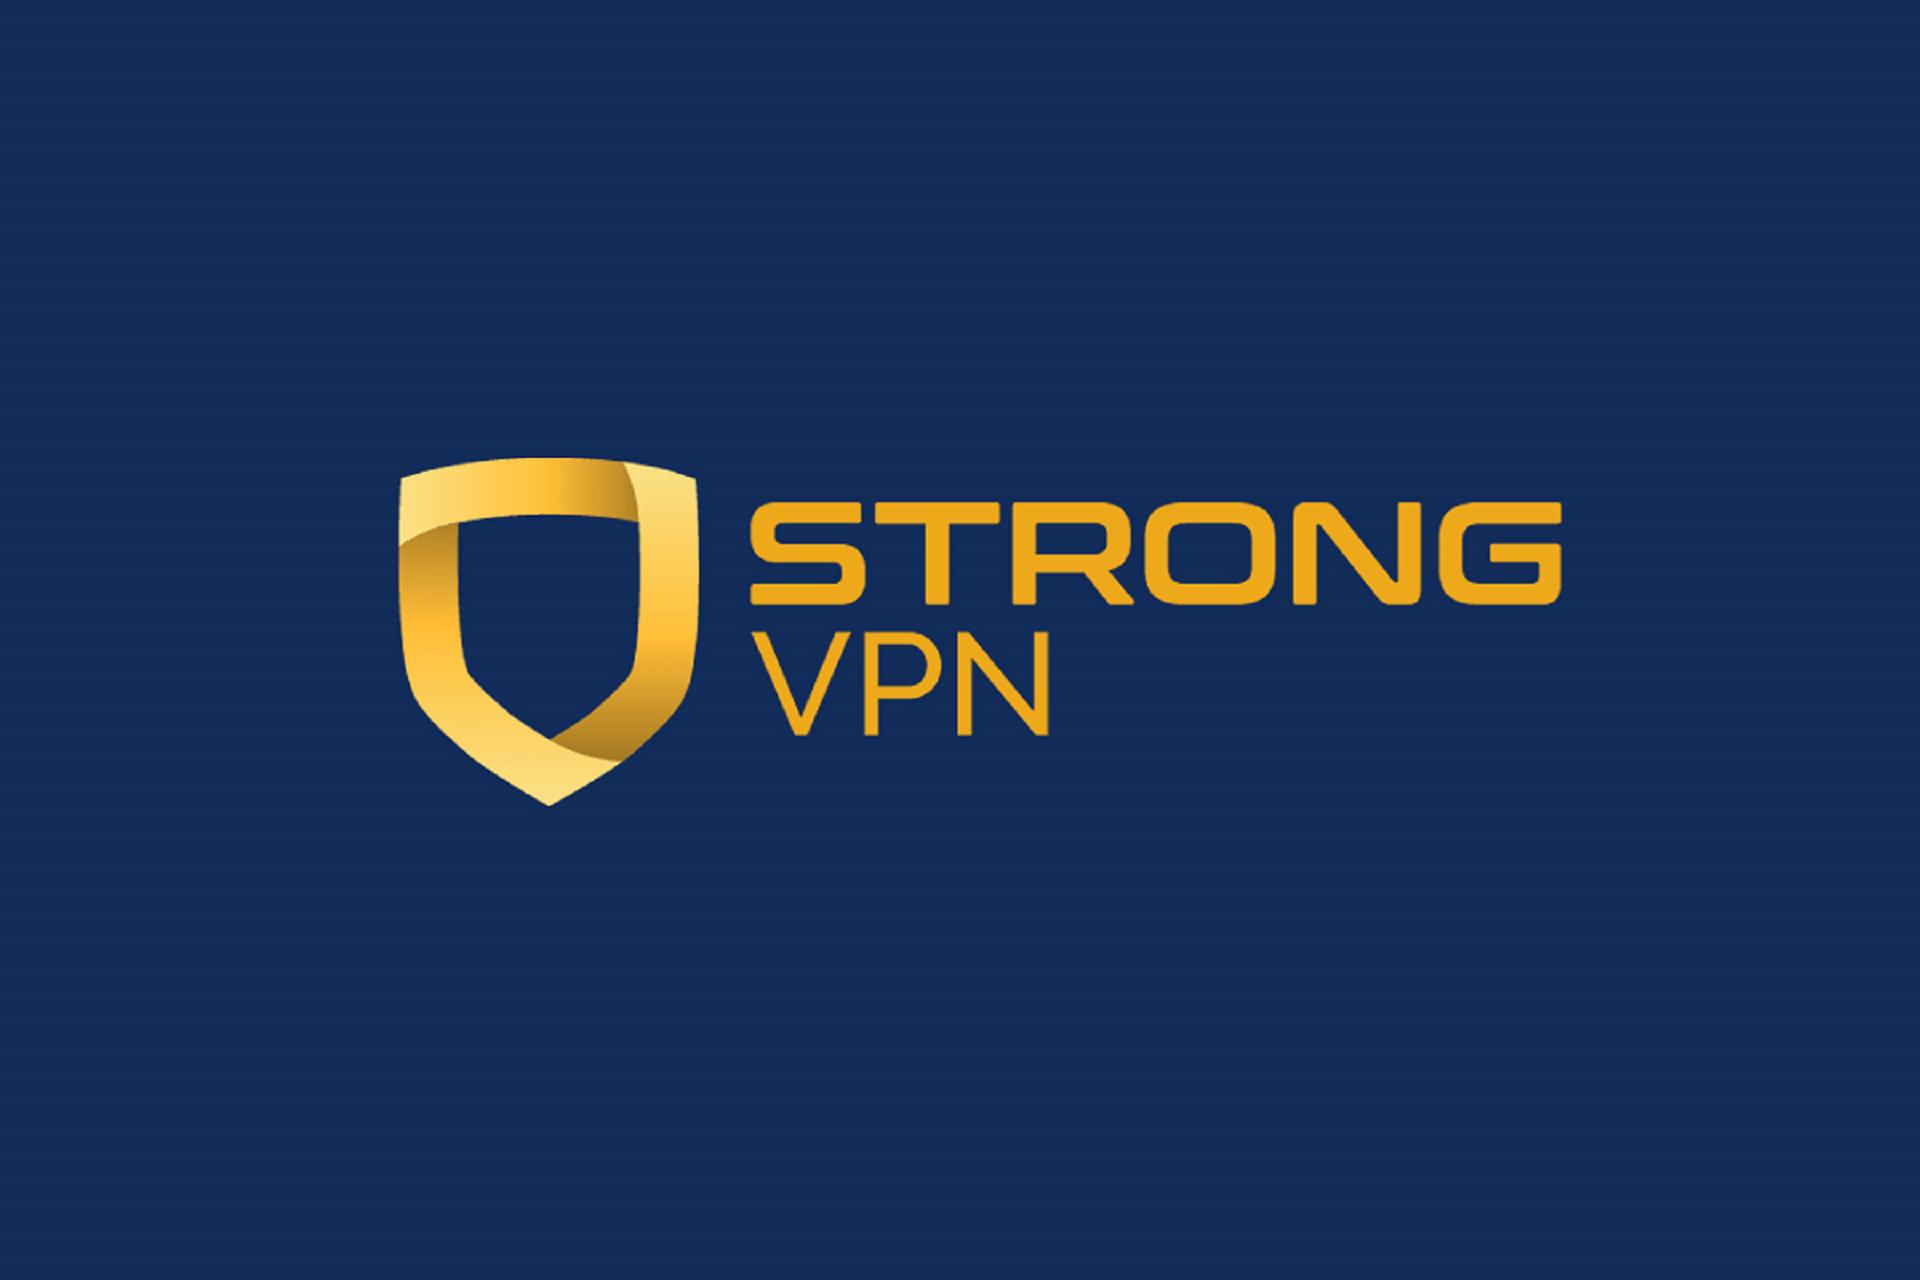 La connexion StrongVPN a échoué